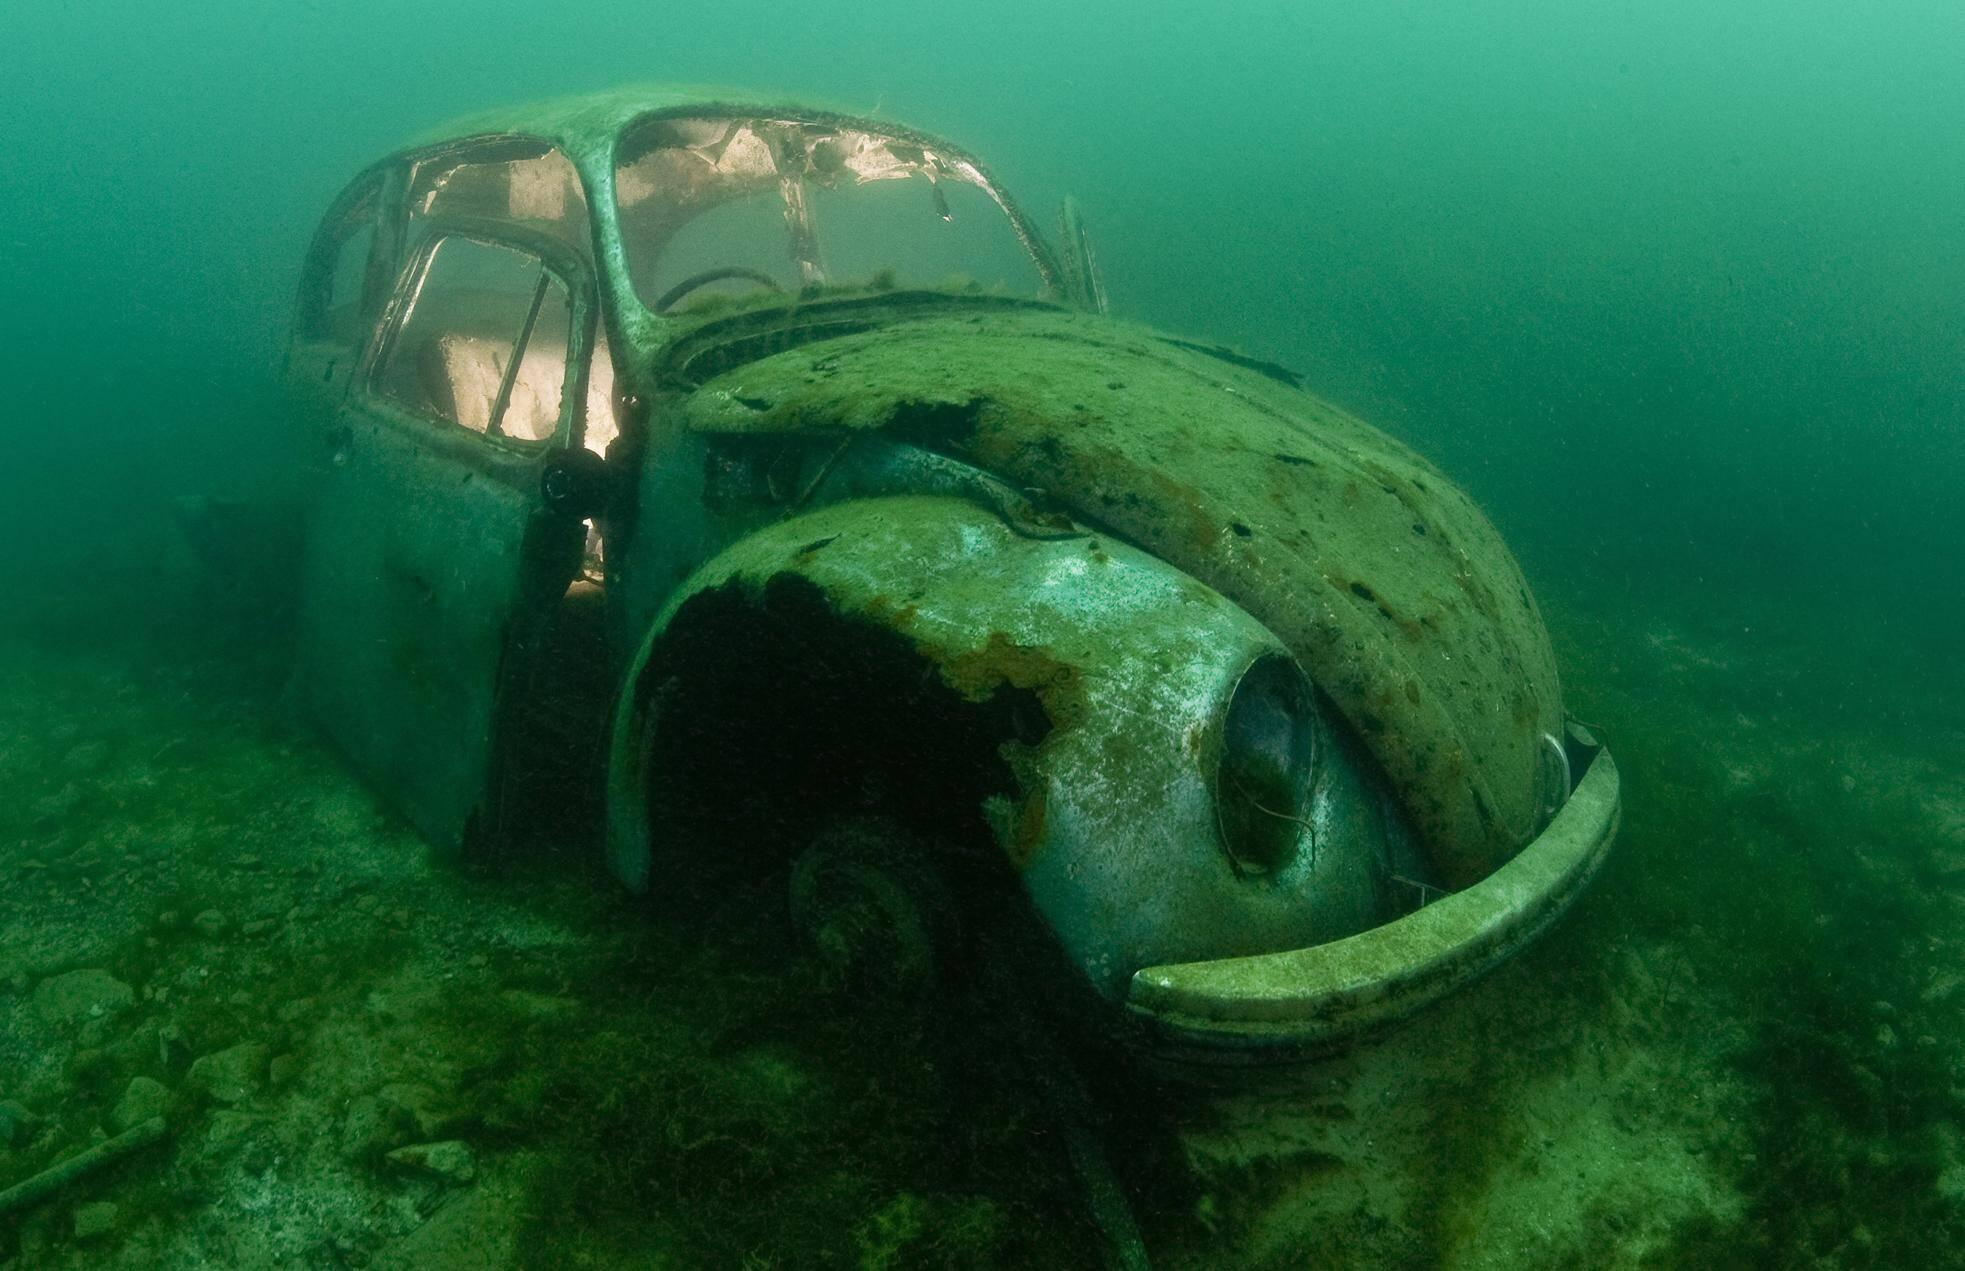 O fotógrafo Alex Mustard viaja o mundo atrás de imagens de embarcações e objetos afundados, como este Fusca deixado de propósito no fundo de um lago. Foto: Alexander Mustard/Solent News